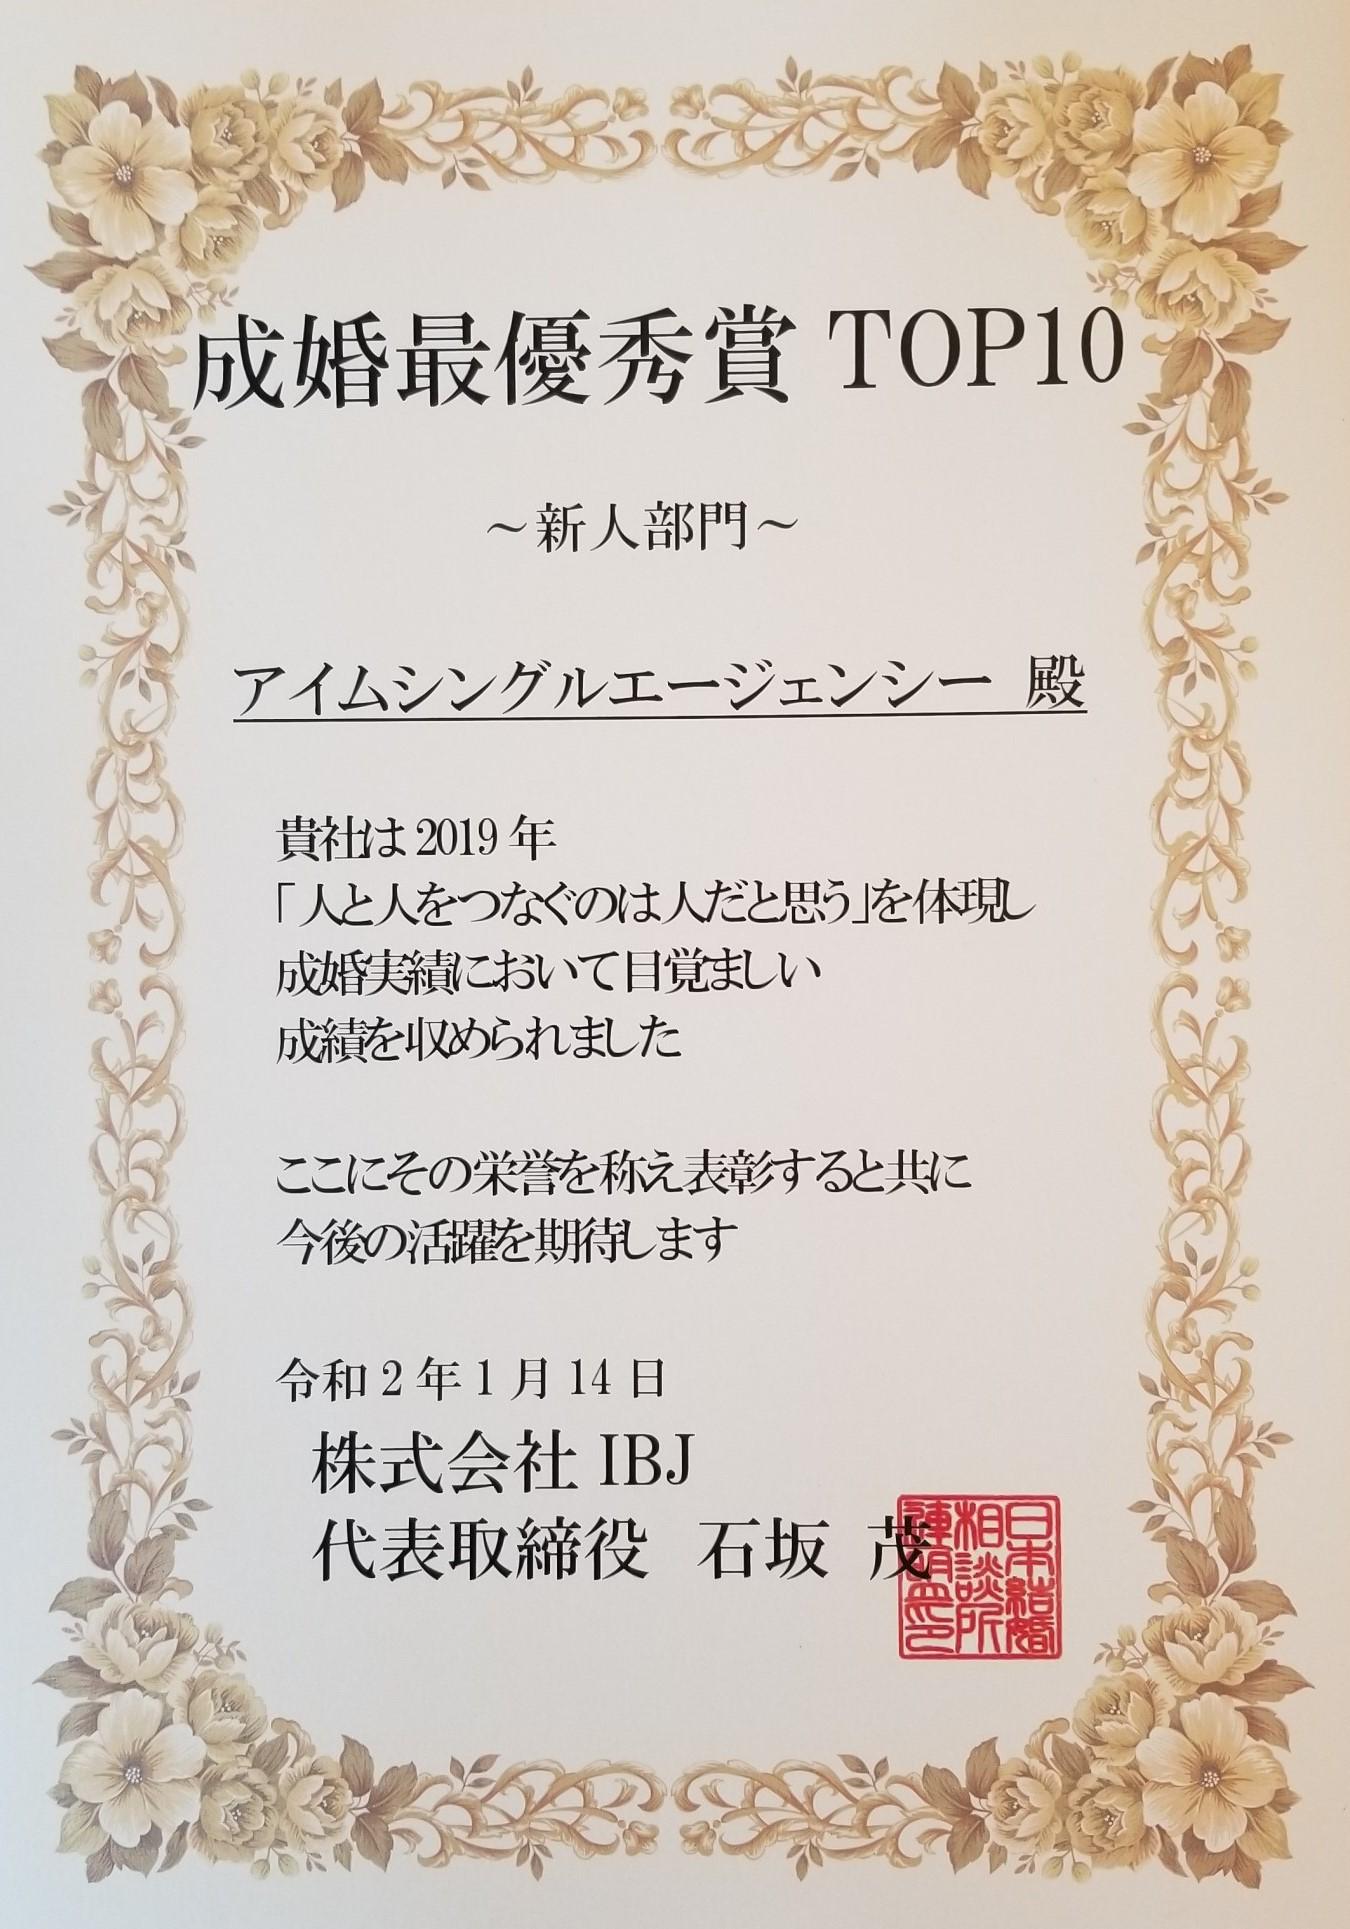 アイムシングルエージェンシーが成婚優秀賞 TOP10